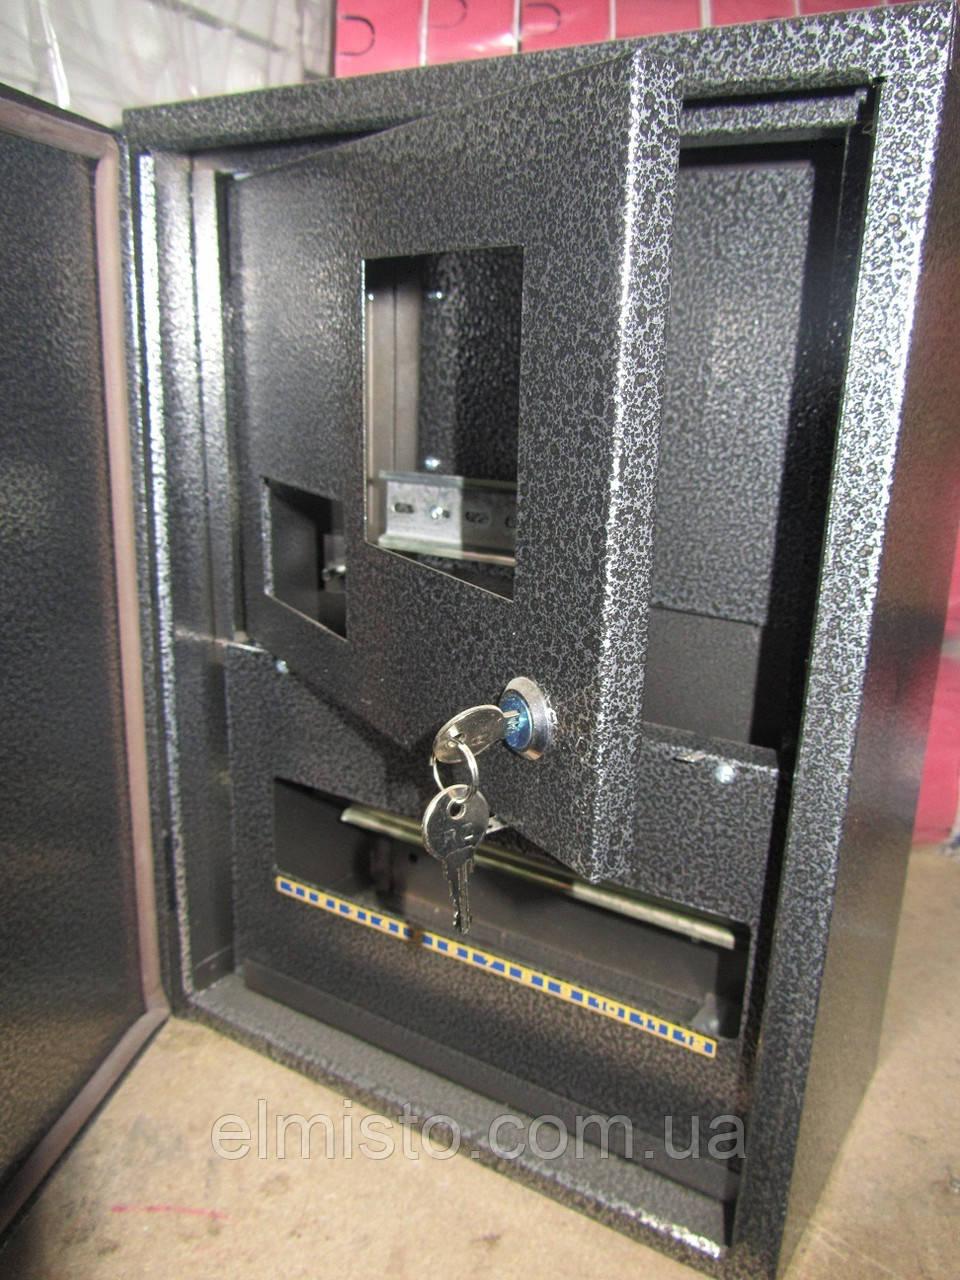 Щит уличный герметичный антивандальный под 1ф электросчетчик 2-х дверный